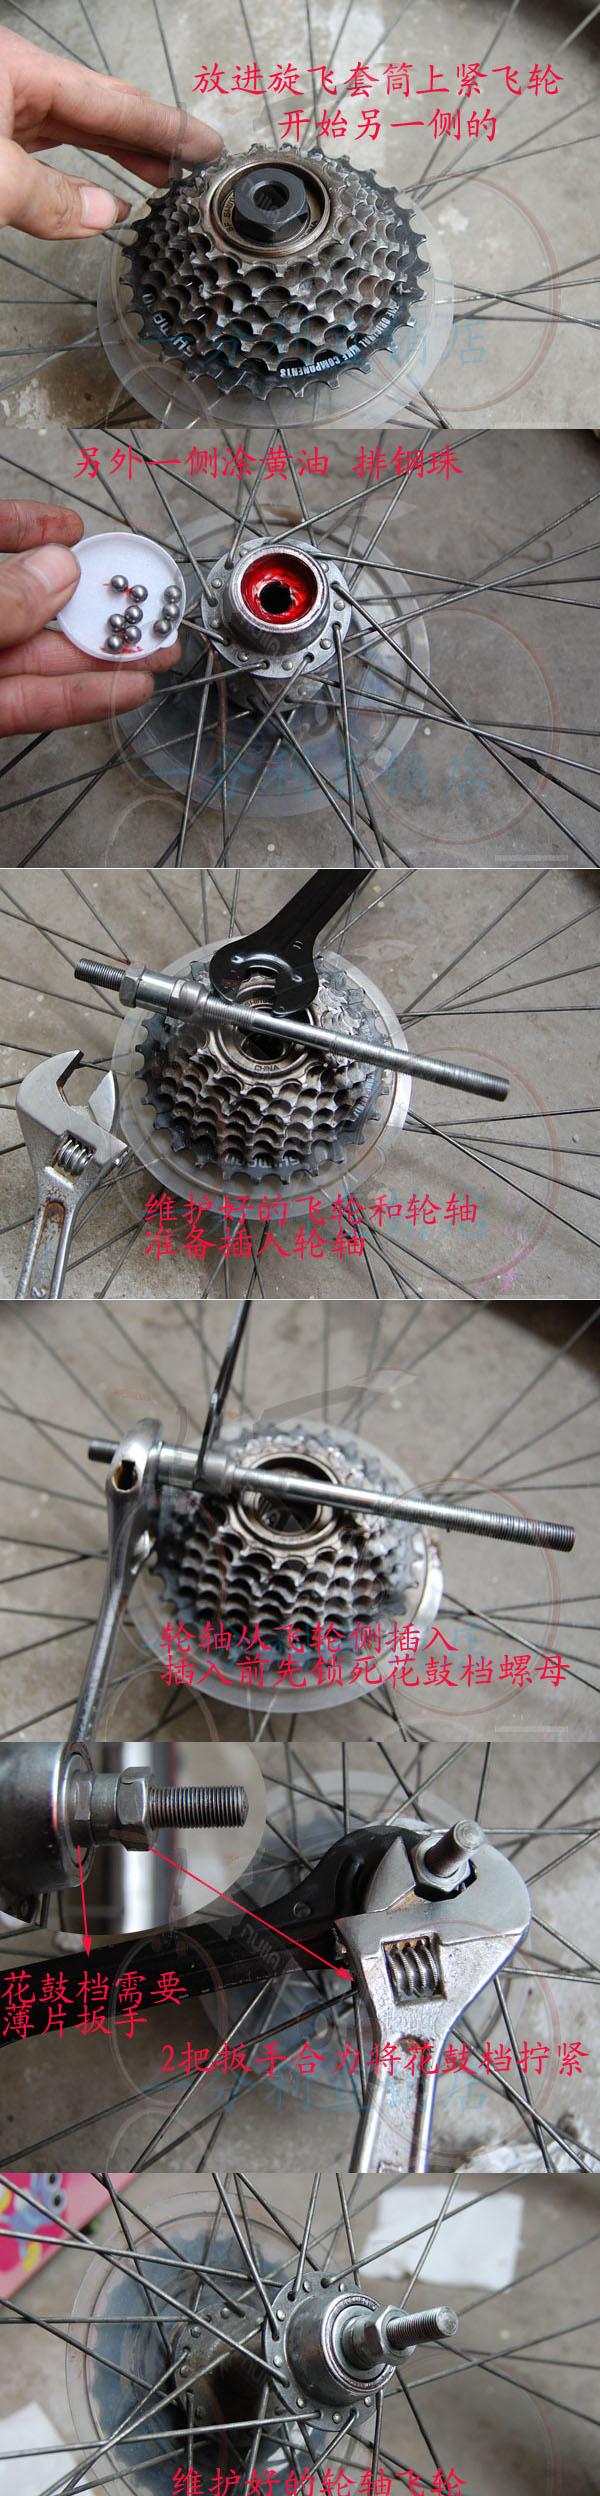 山地车自行车花鼓轮轴后轴维修拆卸图文教程 - 第2张  | 老实人创客